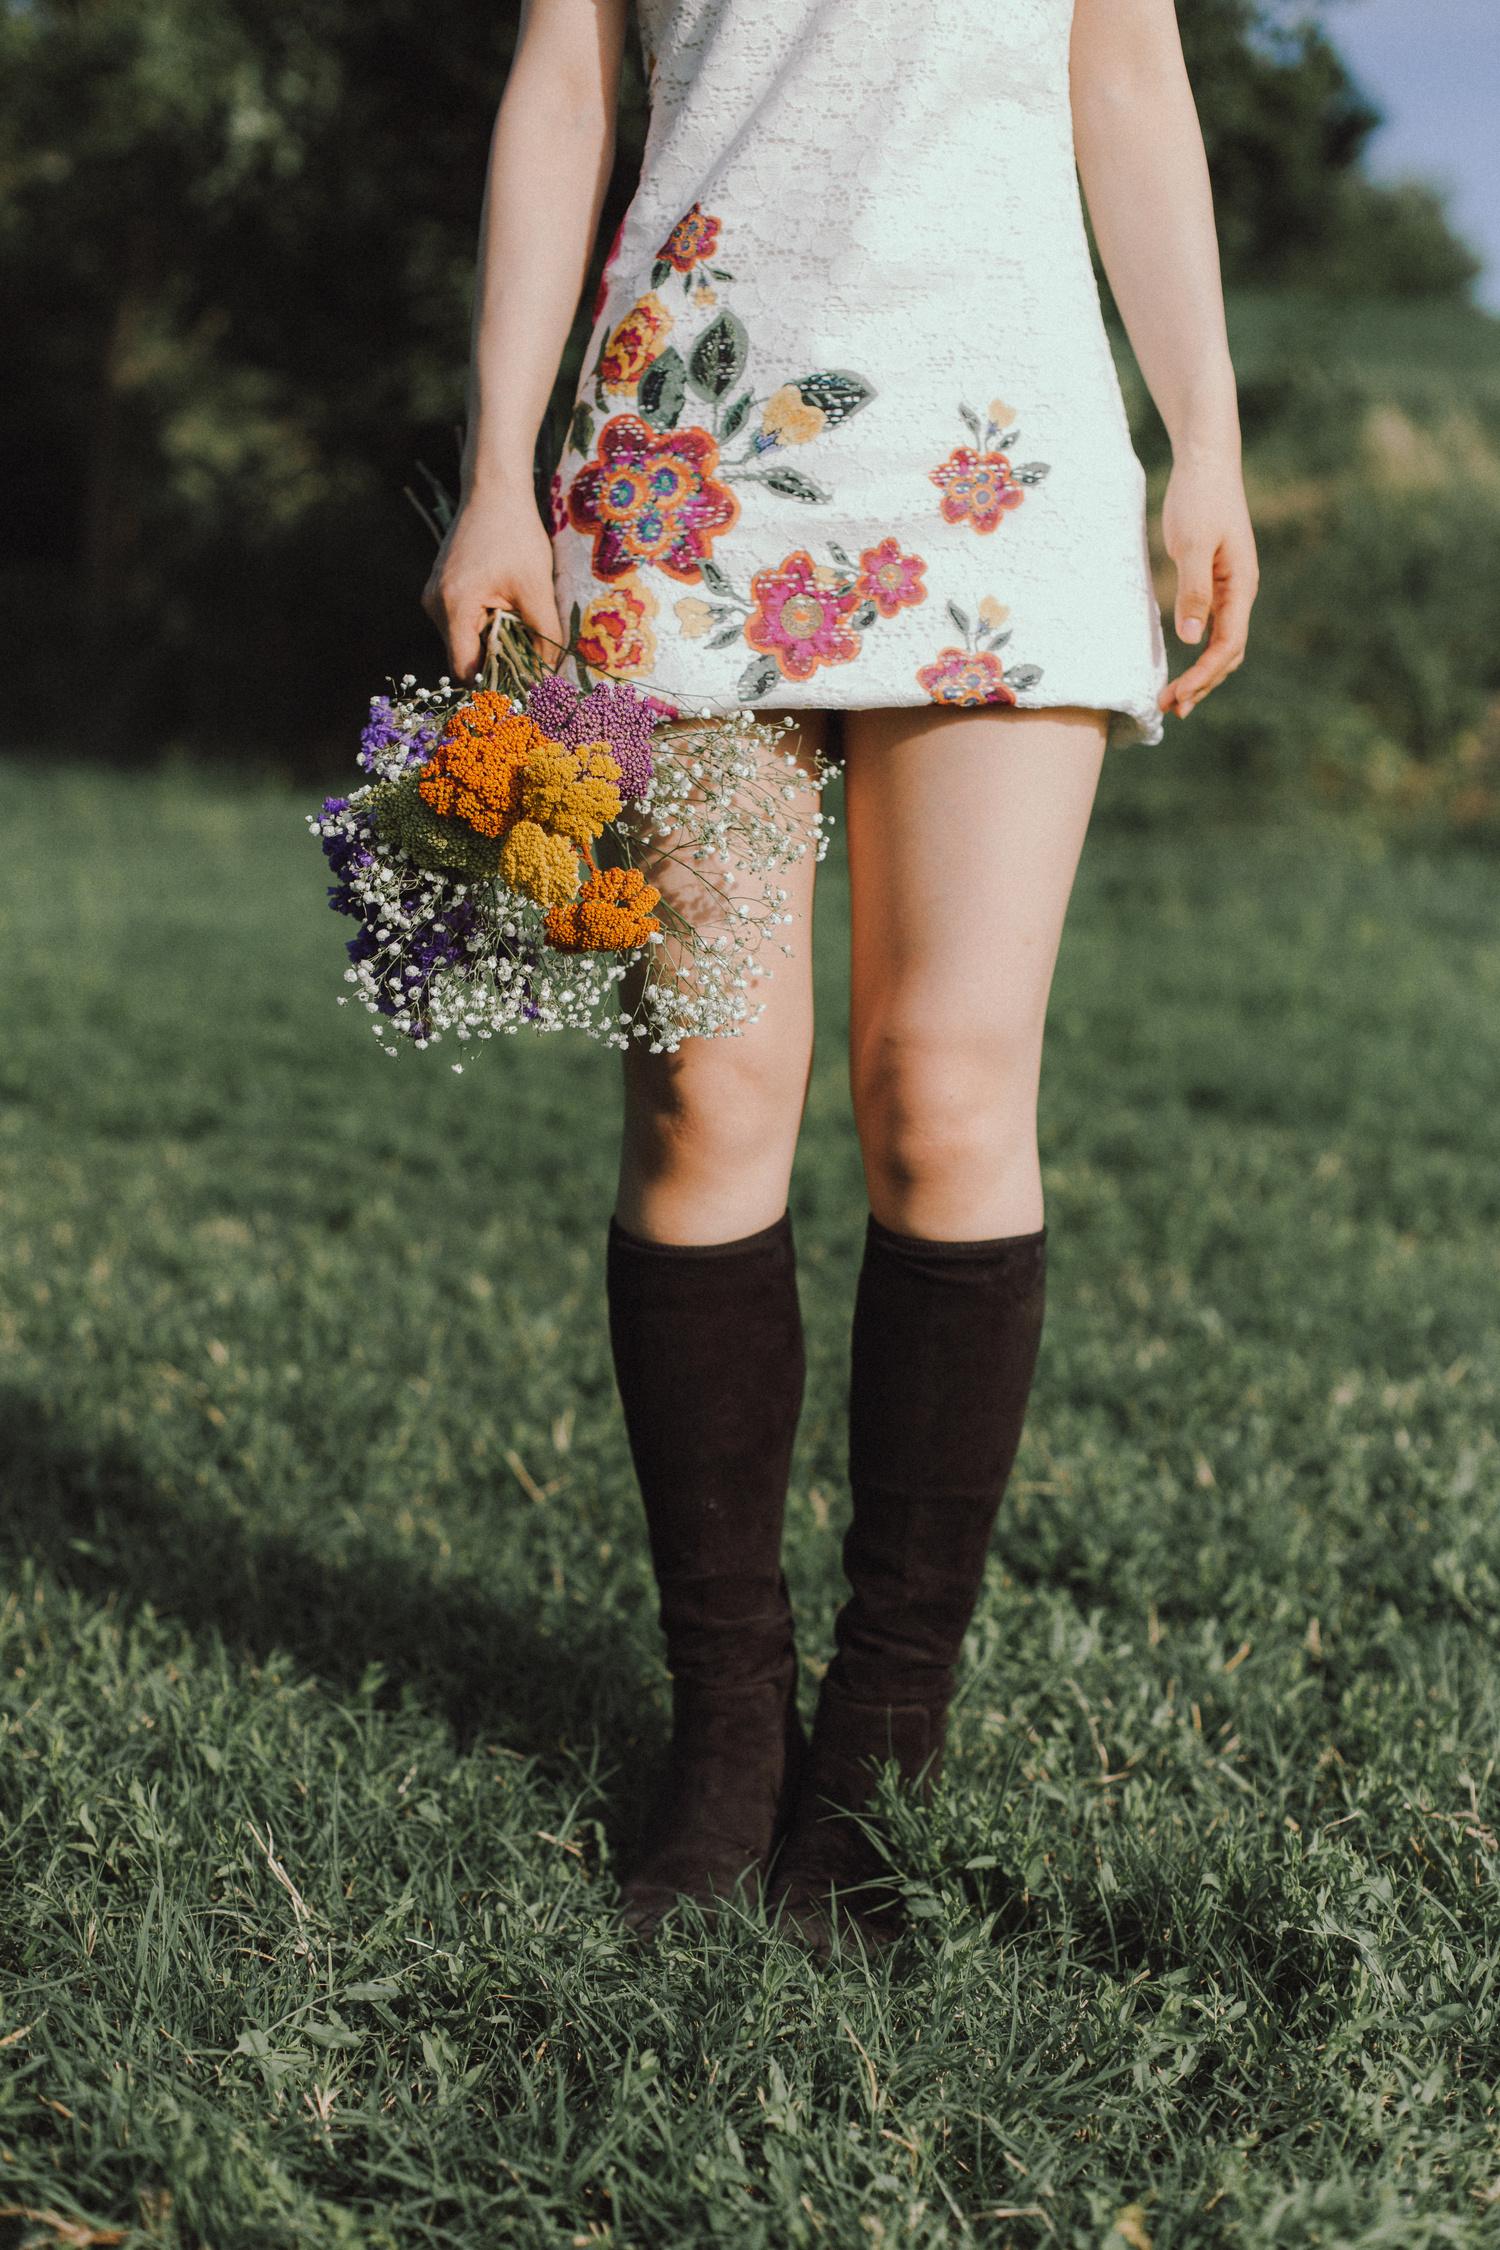 Foto di ragazza con stivali con vestito a fiori e mazzo di fiori, anni '60